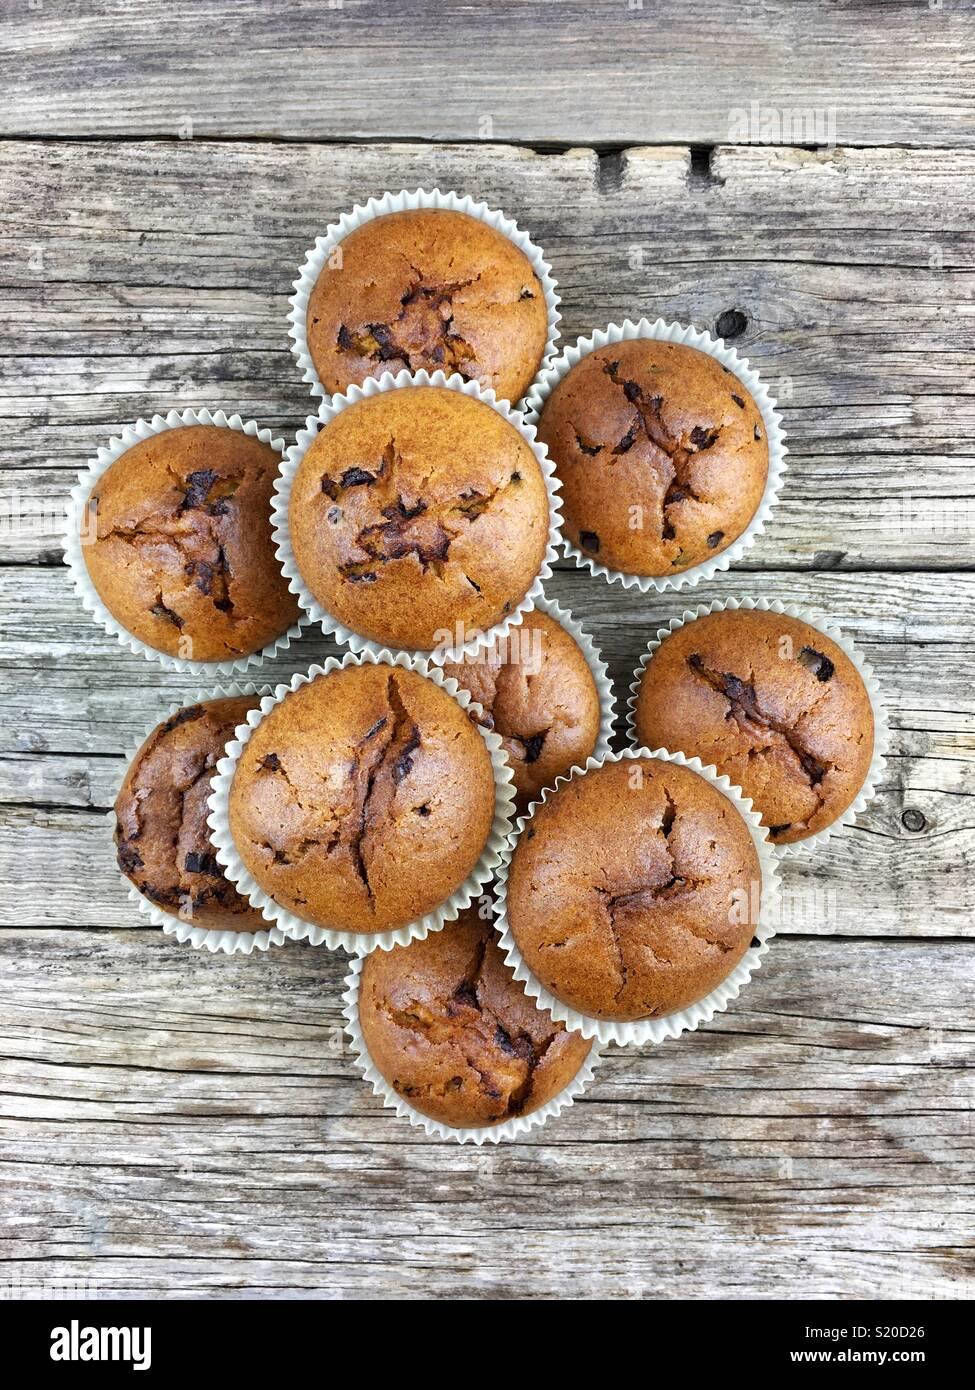 Blick von oben auf die Schokolade Muffins auf einem Holztisch Stockfoto